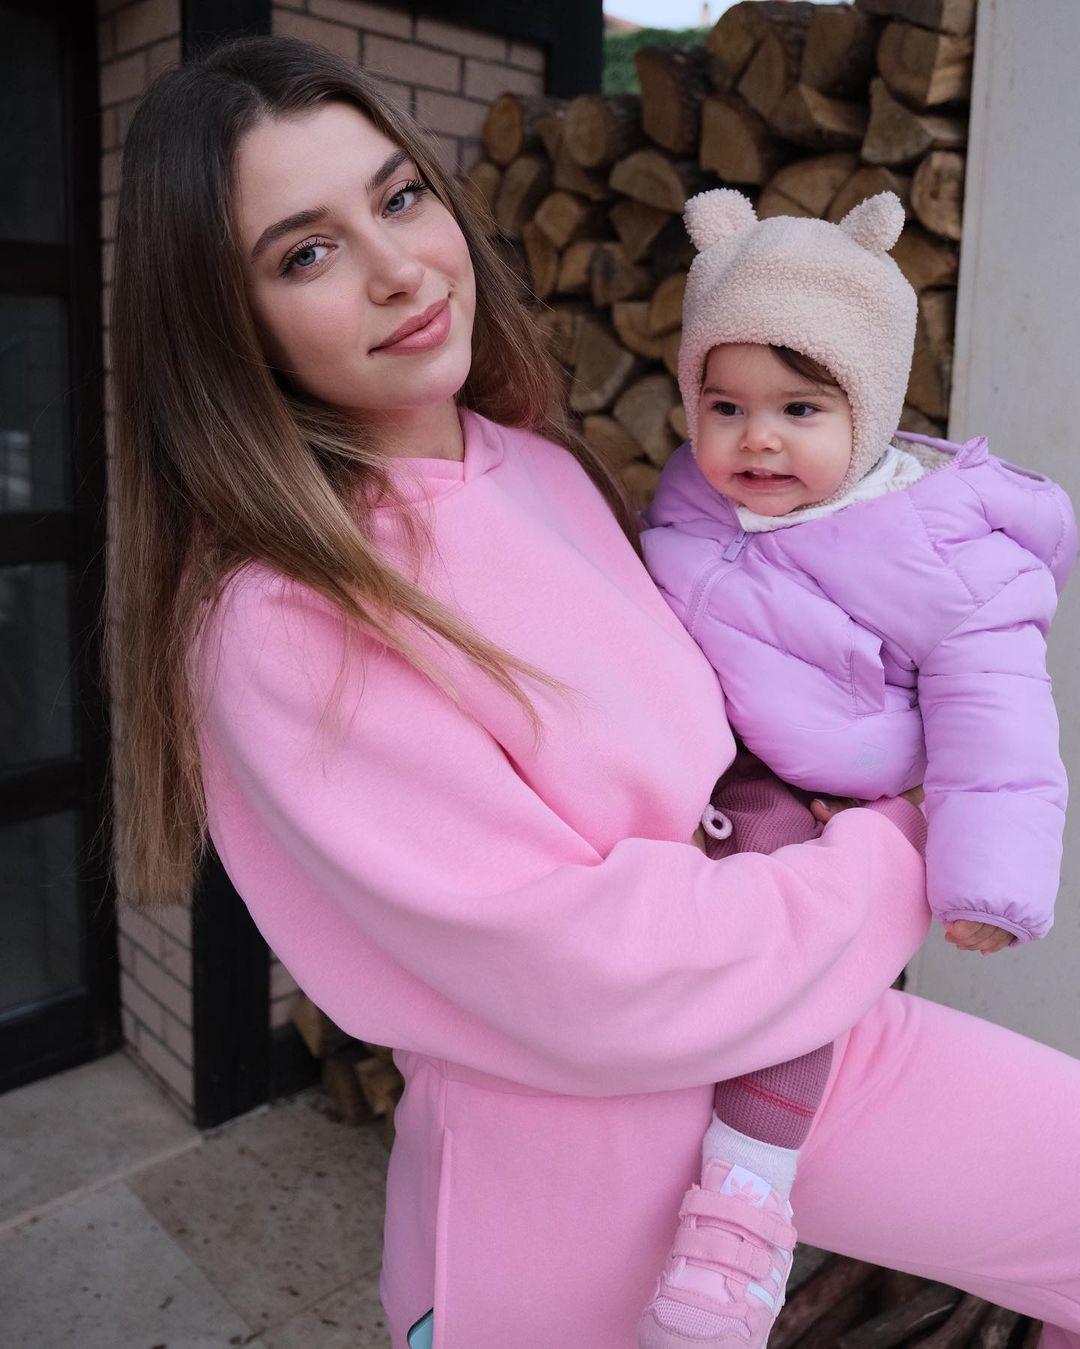 غمزة-ارتشيل-وابنتها